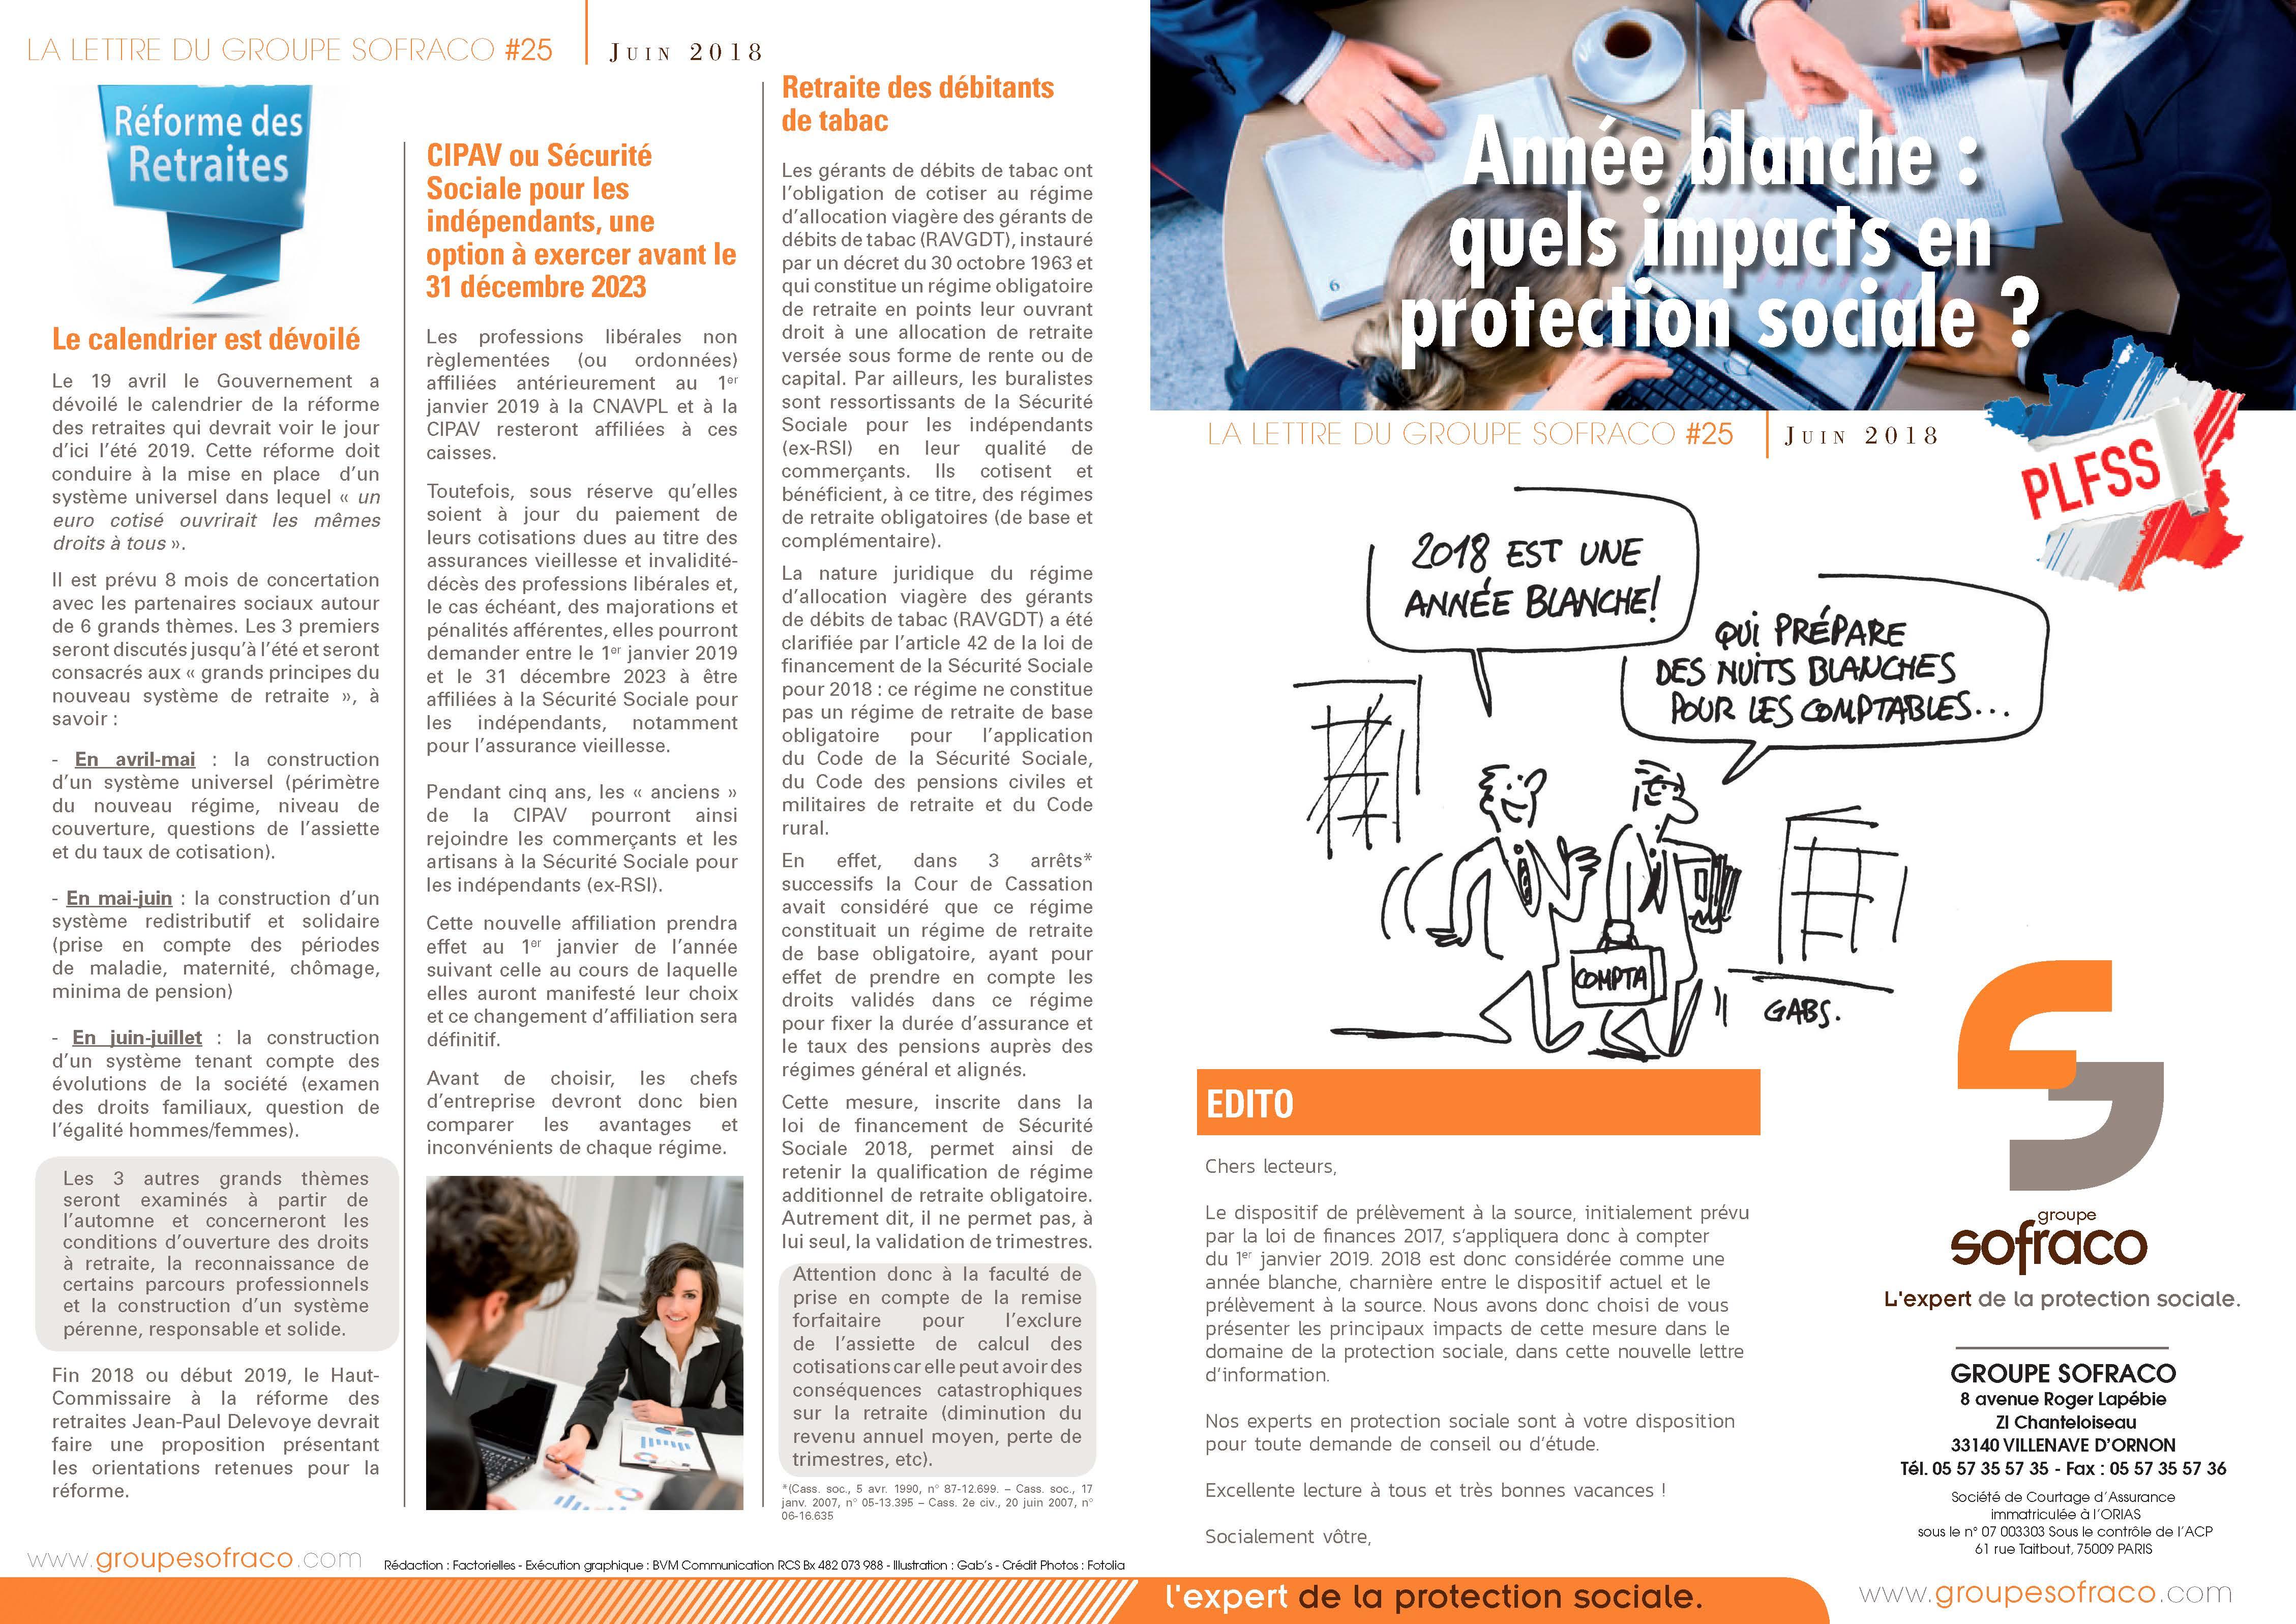 newsletter-sofraco-06-2018-artem-assurances